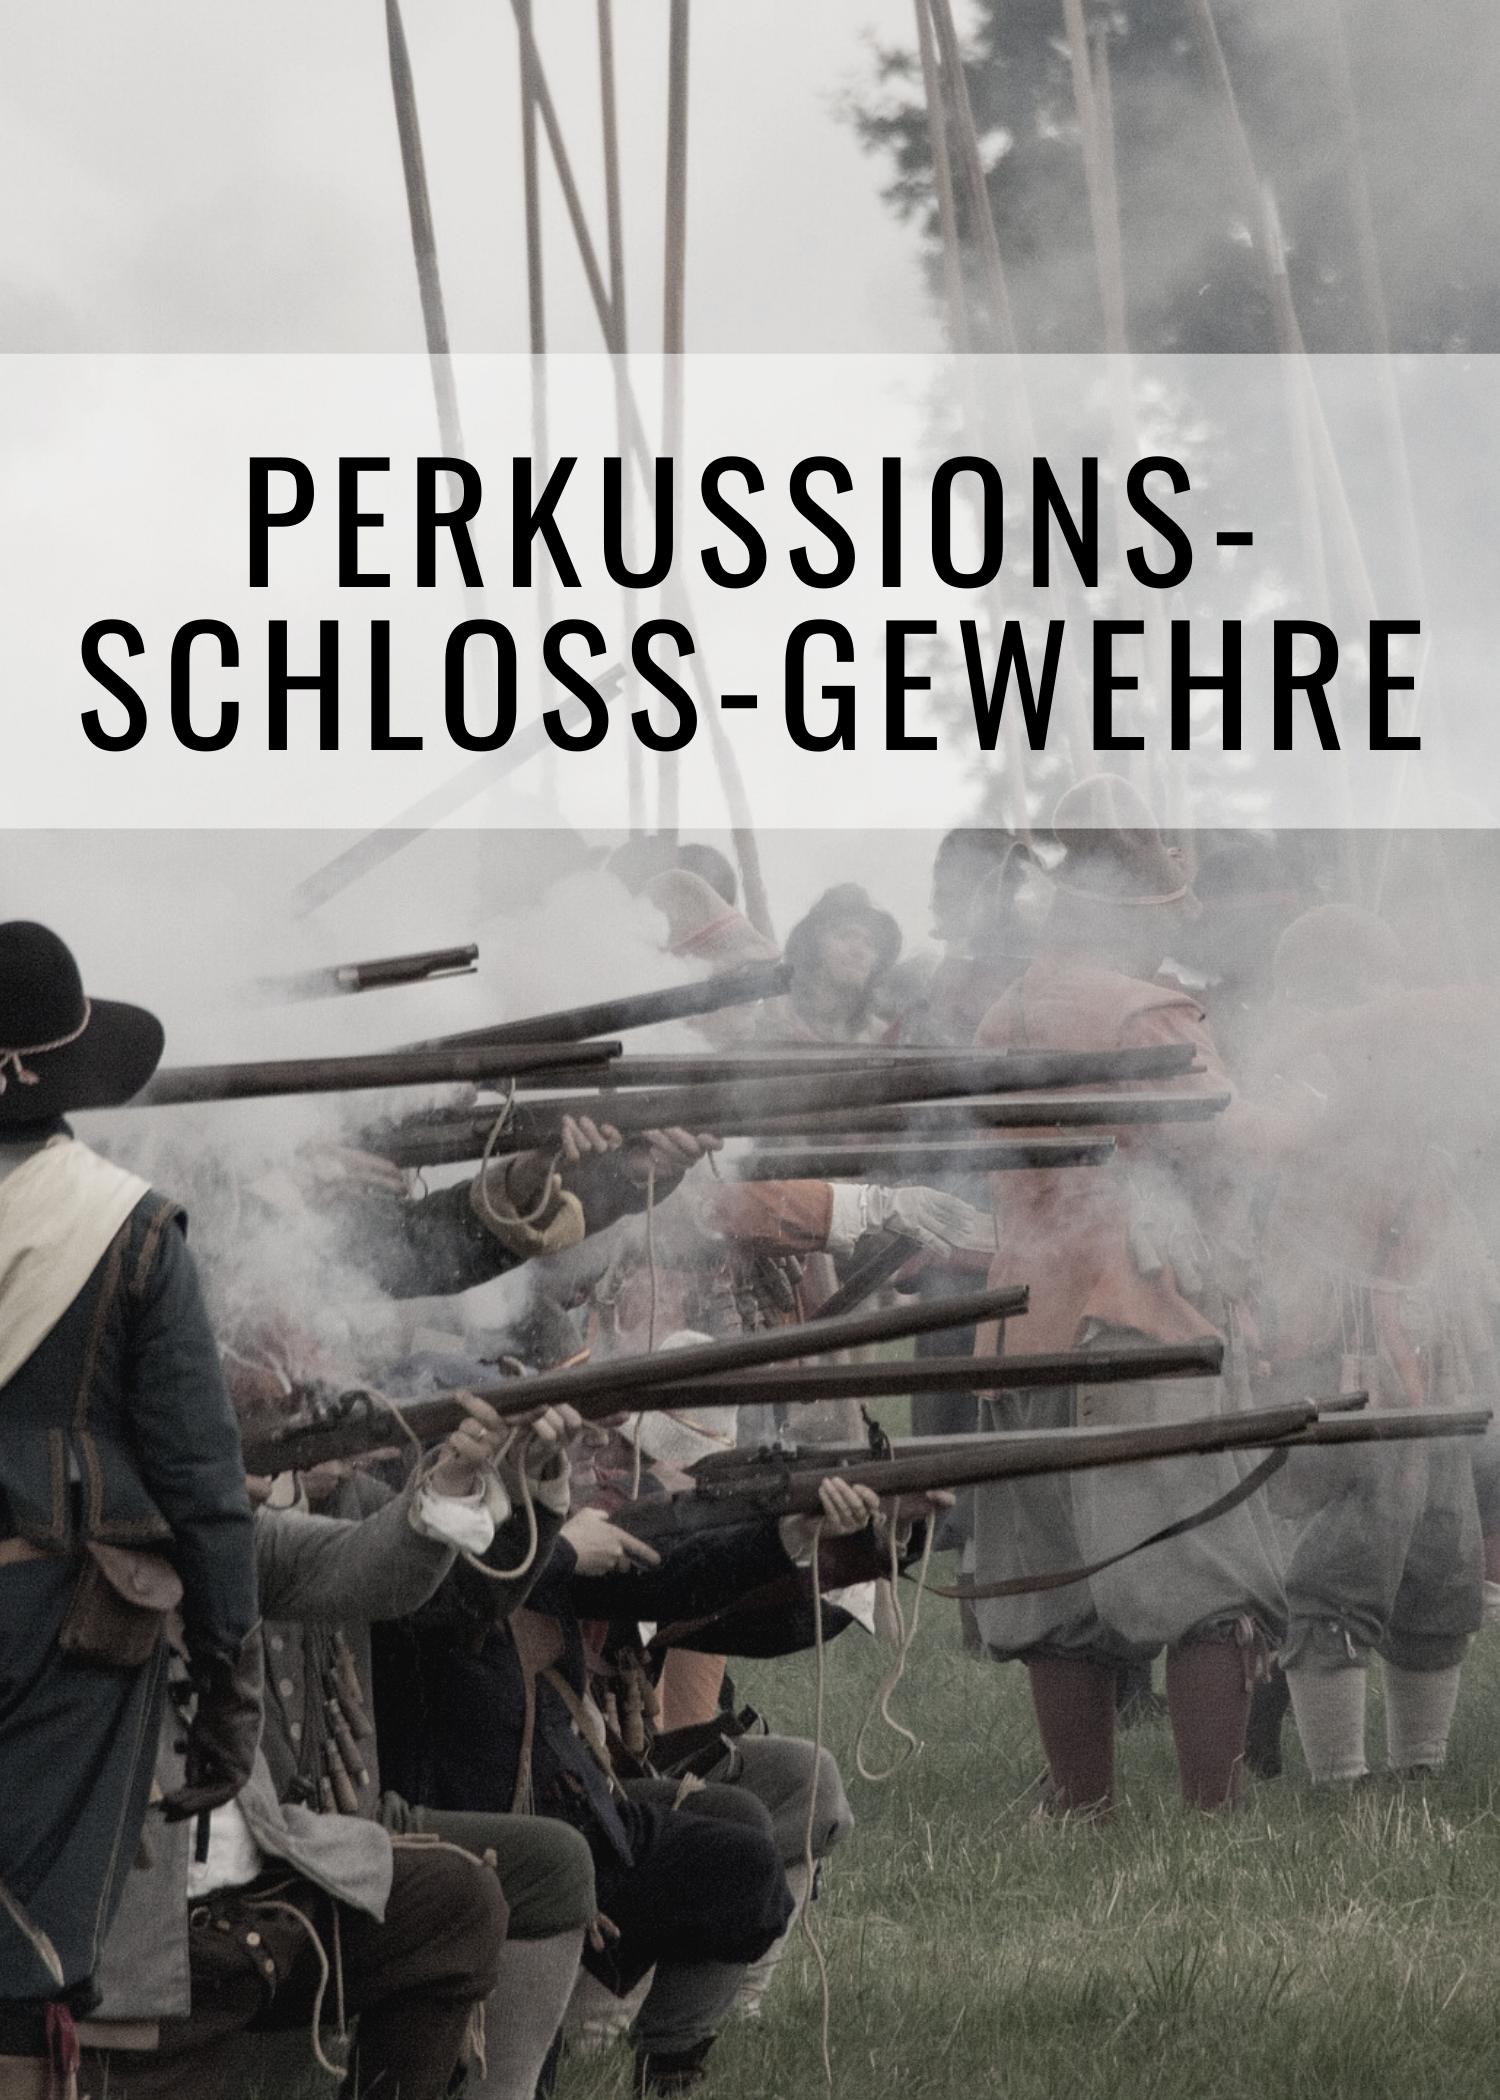 Unser Feuerwaffen-Sortiment umfasst ebenso Repliken von Perkussionsschlossgewehren.